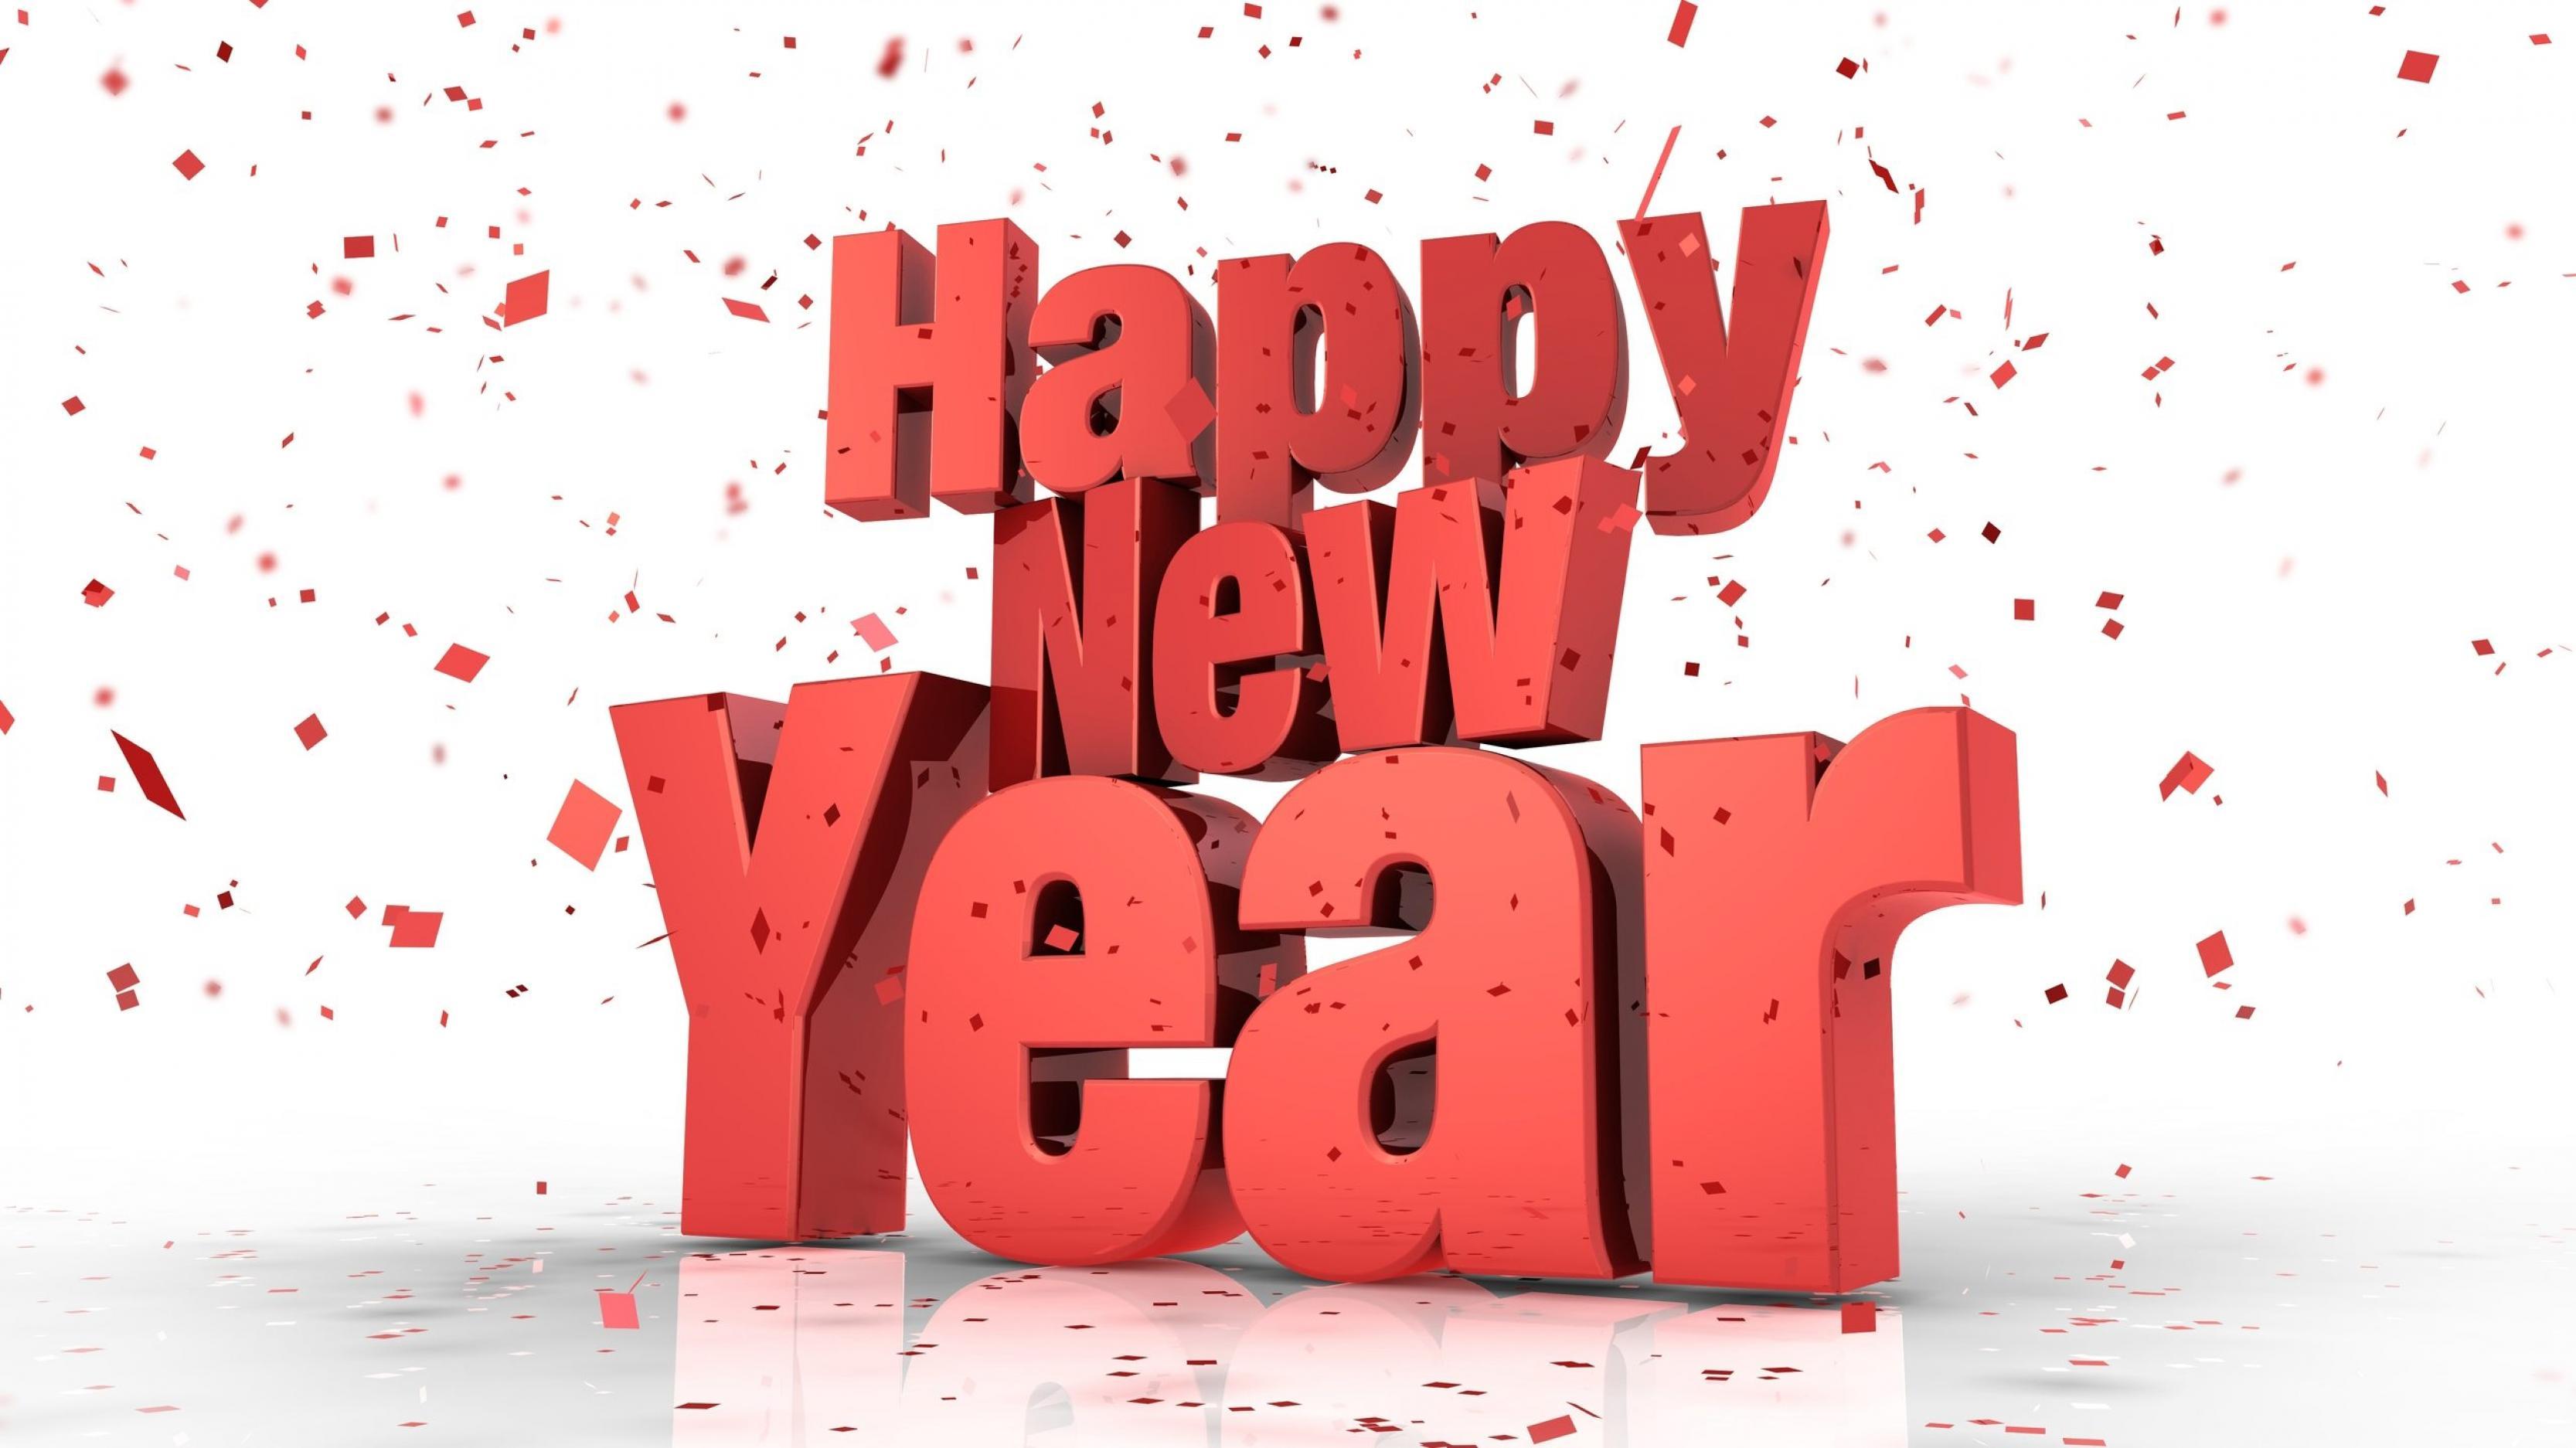 صور صور عن العام الجديد , اجمل صور الترحيب بالعام الجديد